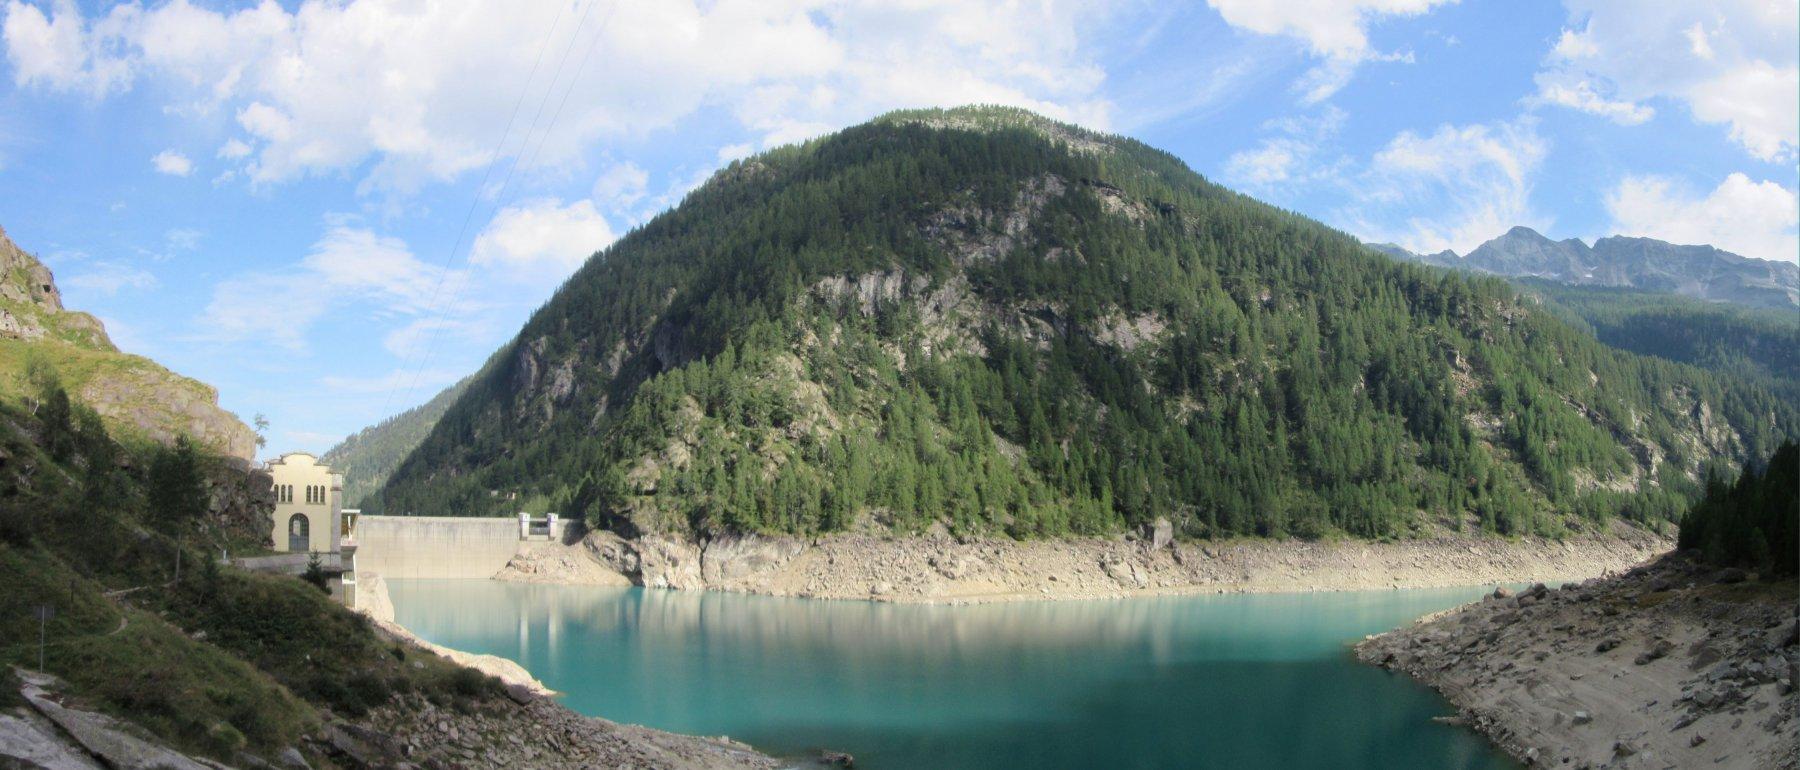 Lago di Campiccioli completato l'anello